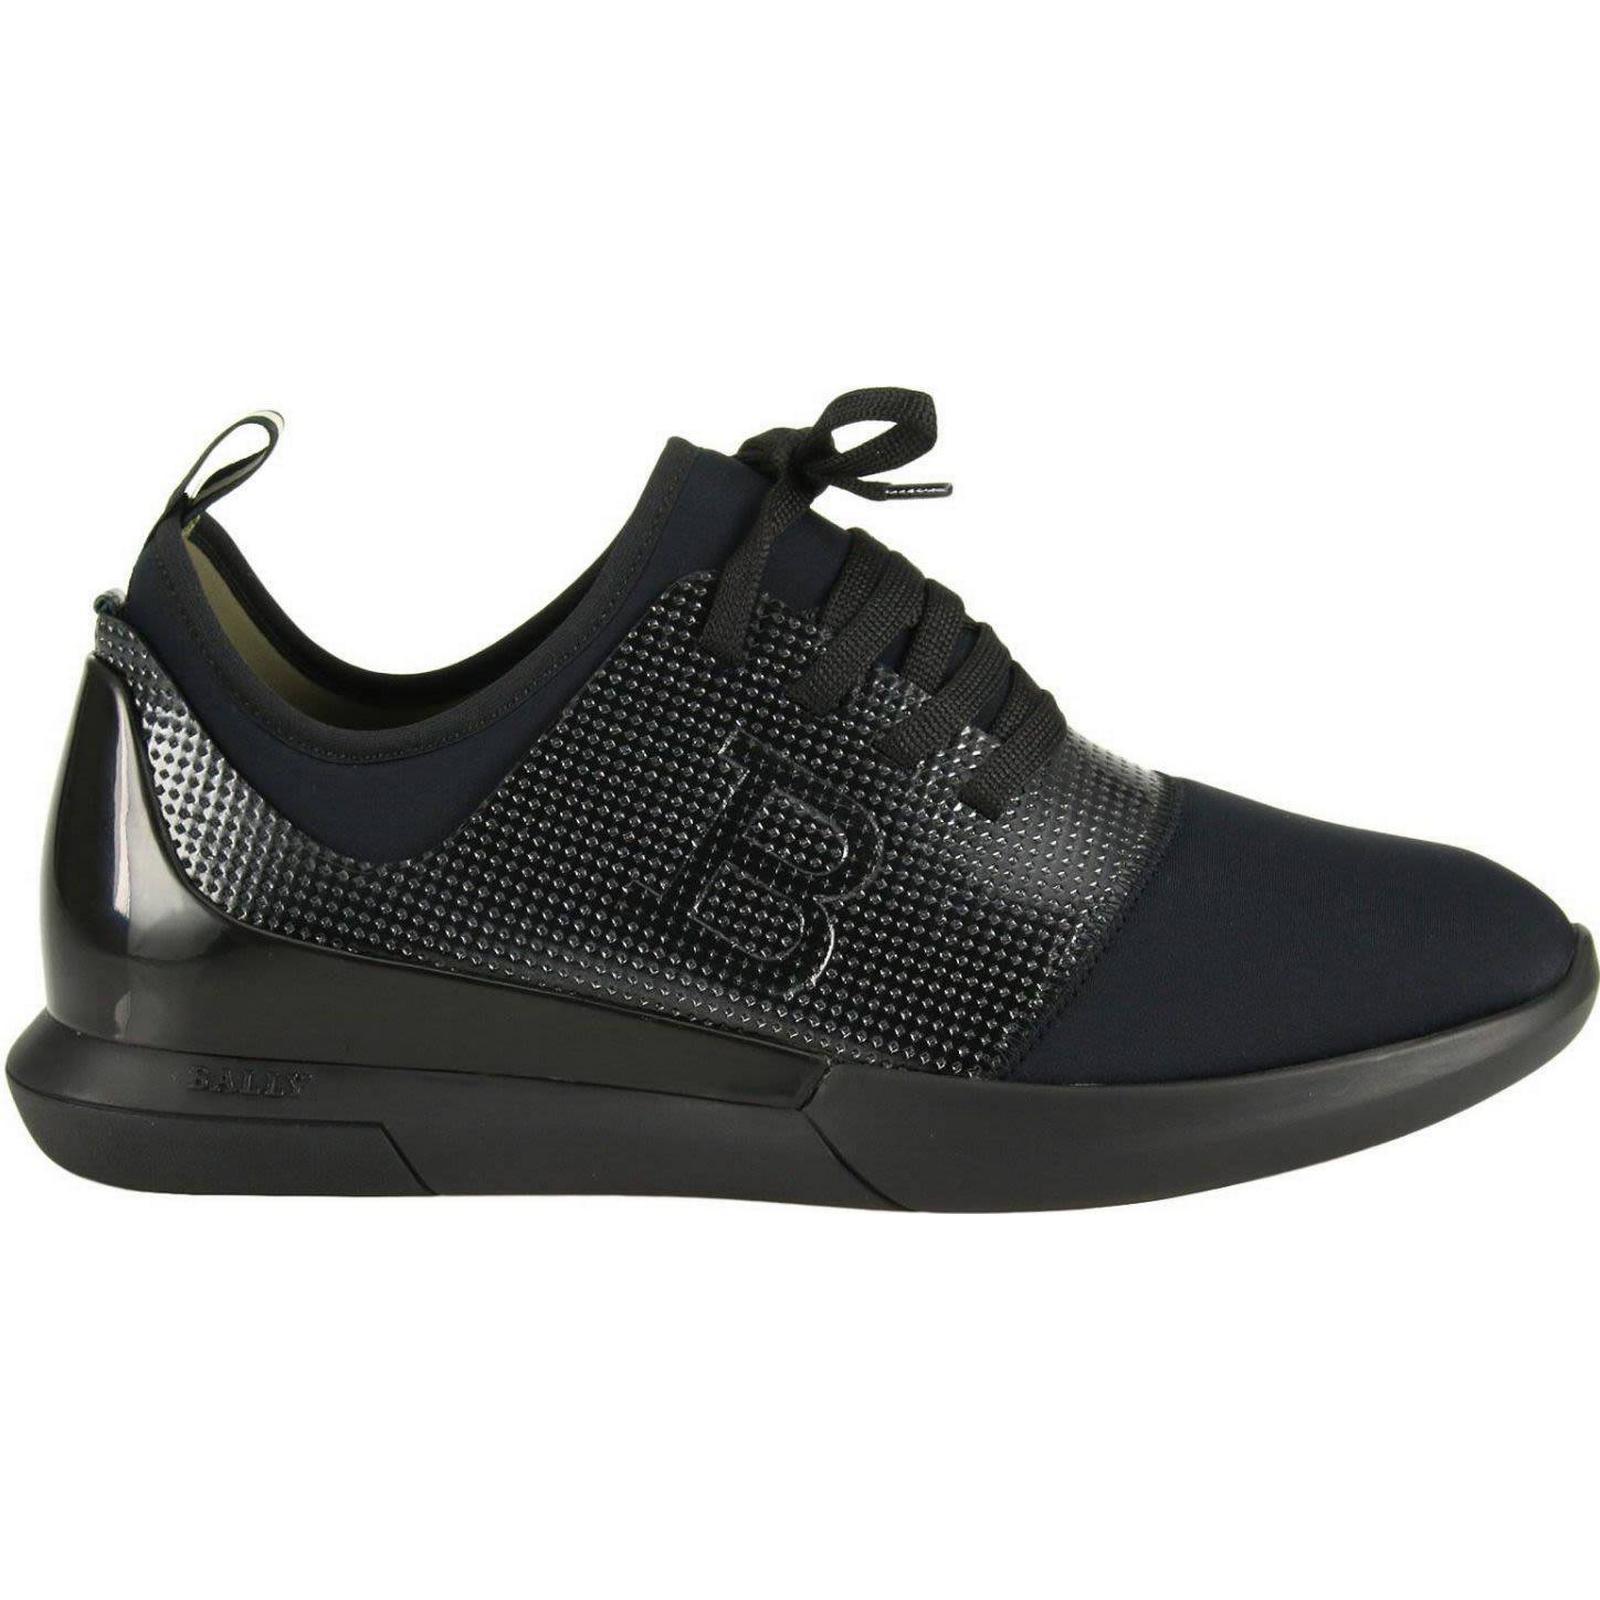 bally chaussures bally chaussures hommes hommes hommes 36a3d9